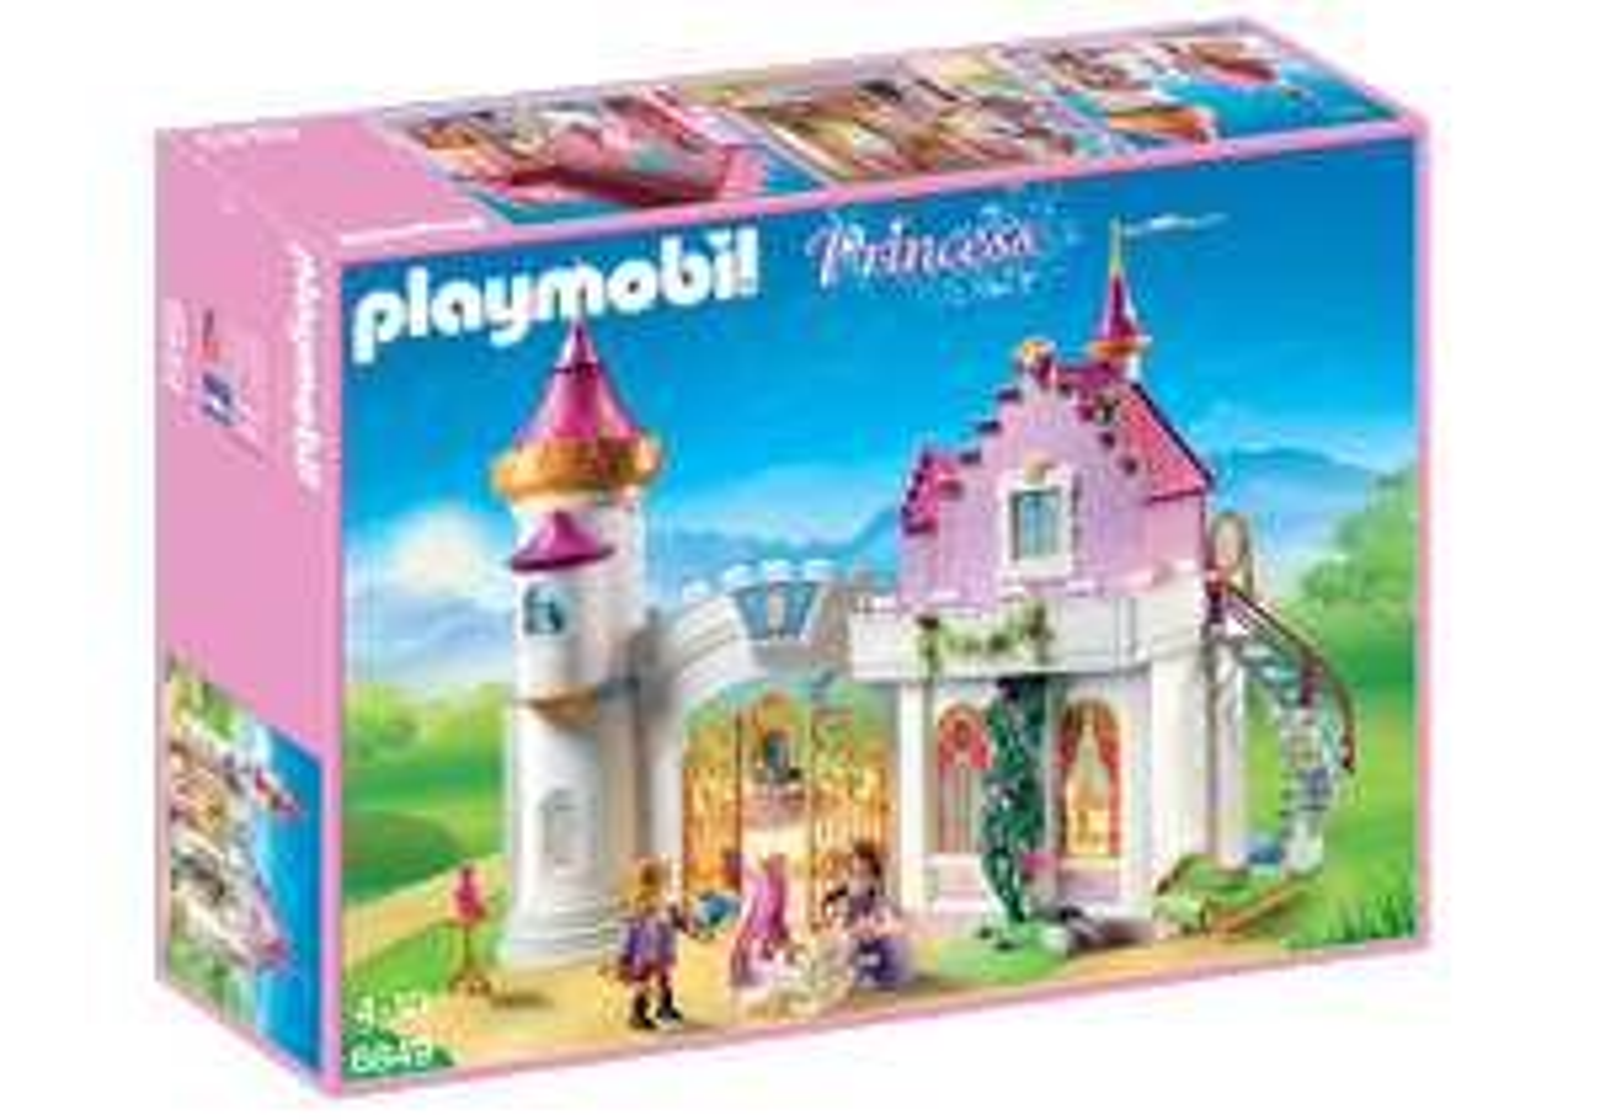 Playmobil 6849 Princess Royal Residence £49.99 - playmobiluk / eBay